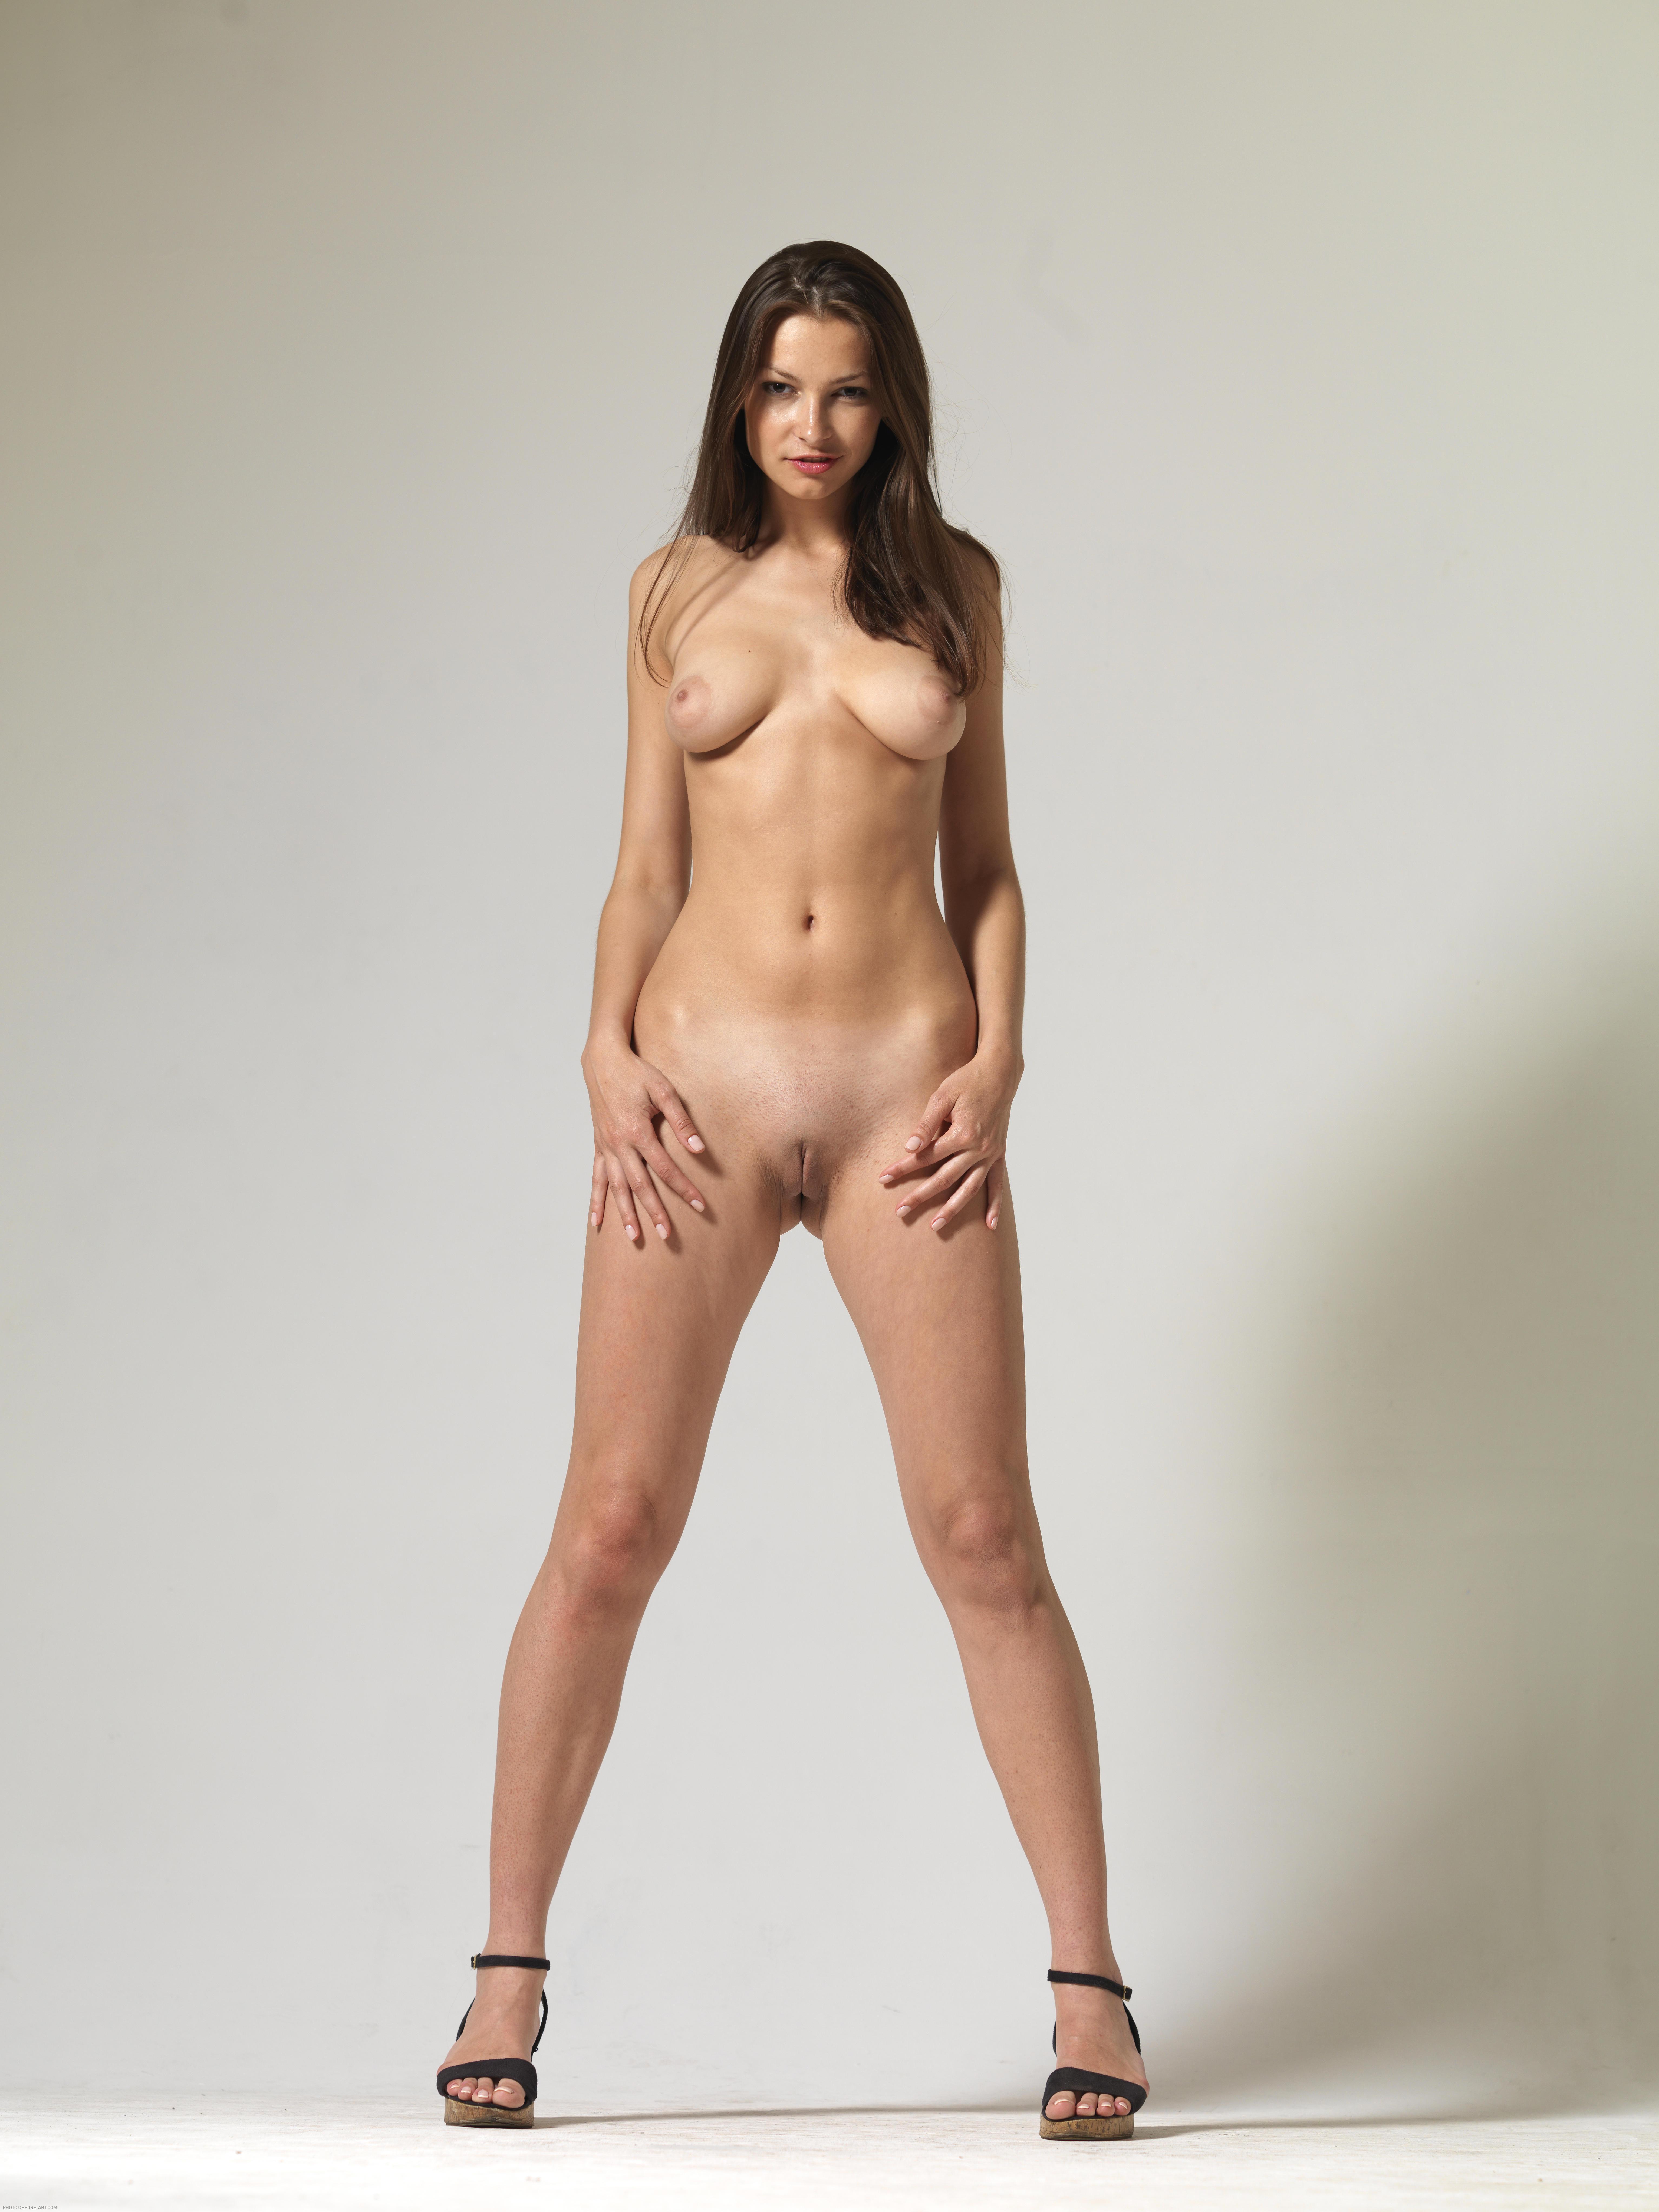 sexy white penis nude